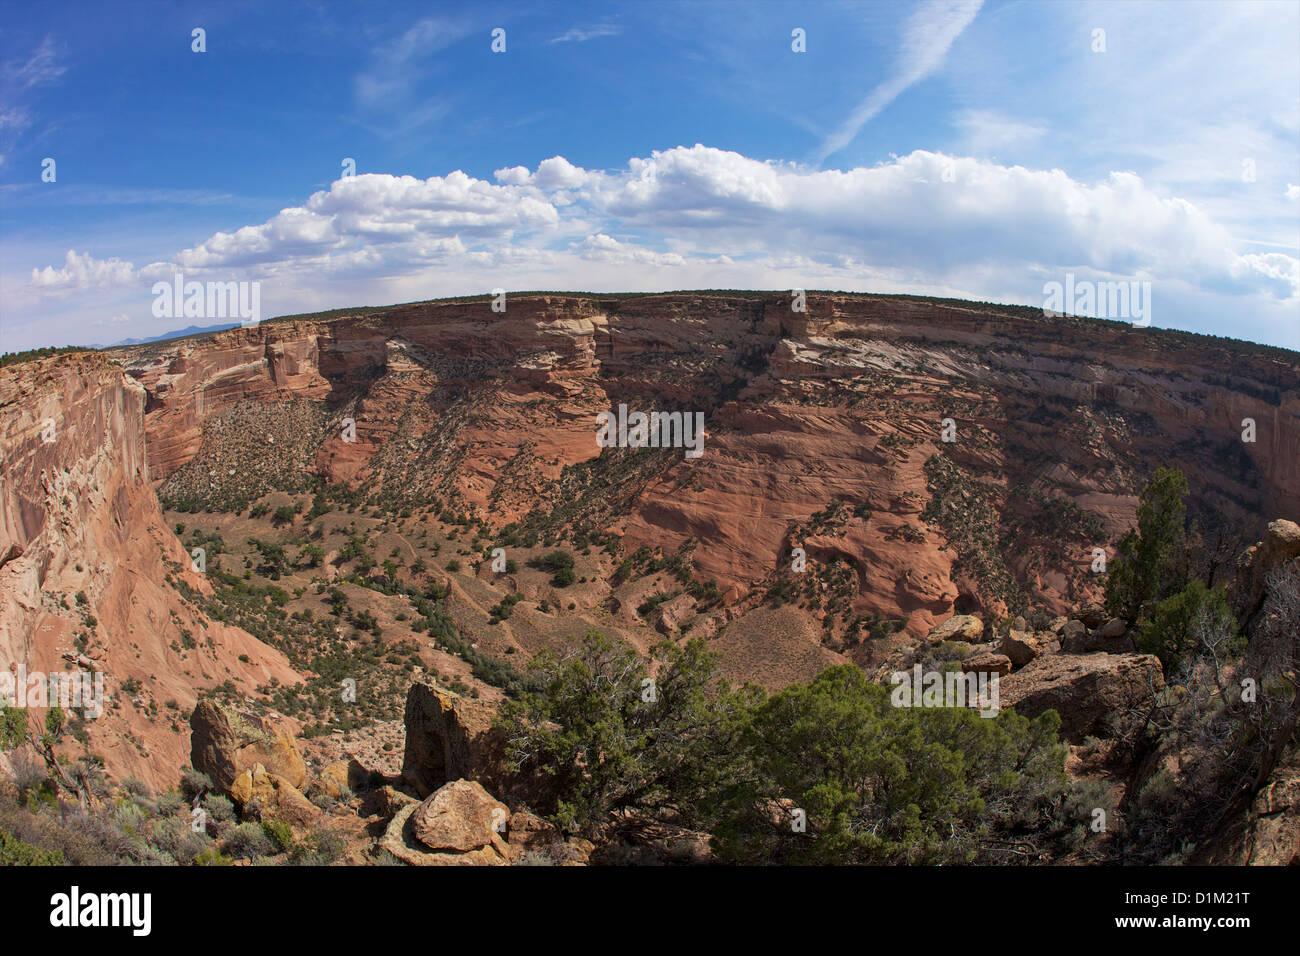 Masacre Cueva Mirador, Monumento Nacional Cañón de Chelly, Arizona, EE.UU. Foto de stock